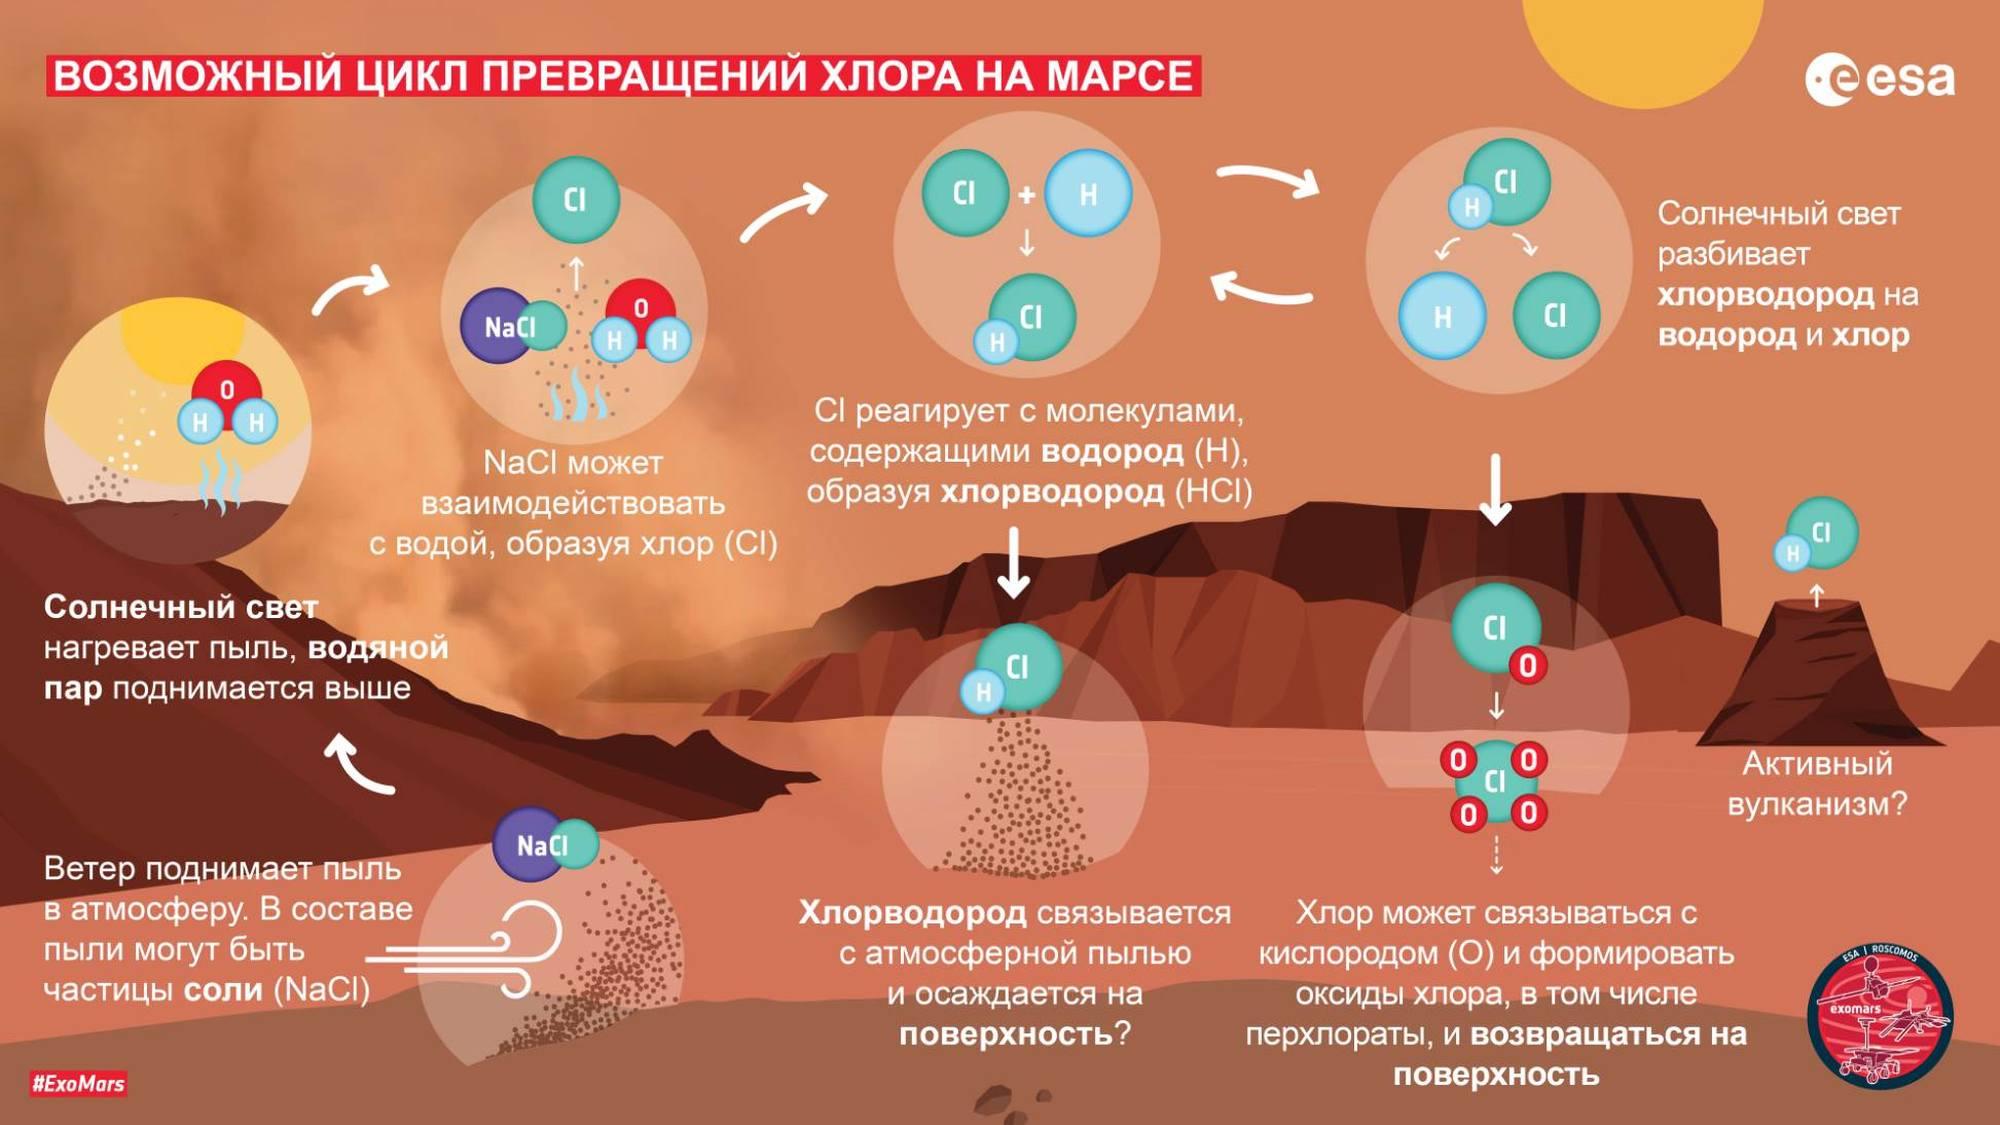 Cycle potentiel de conversion du chlore sur Mars.